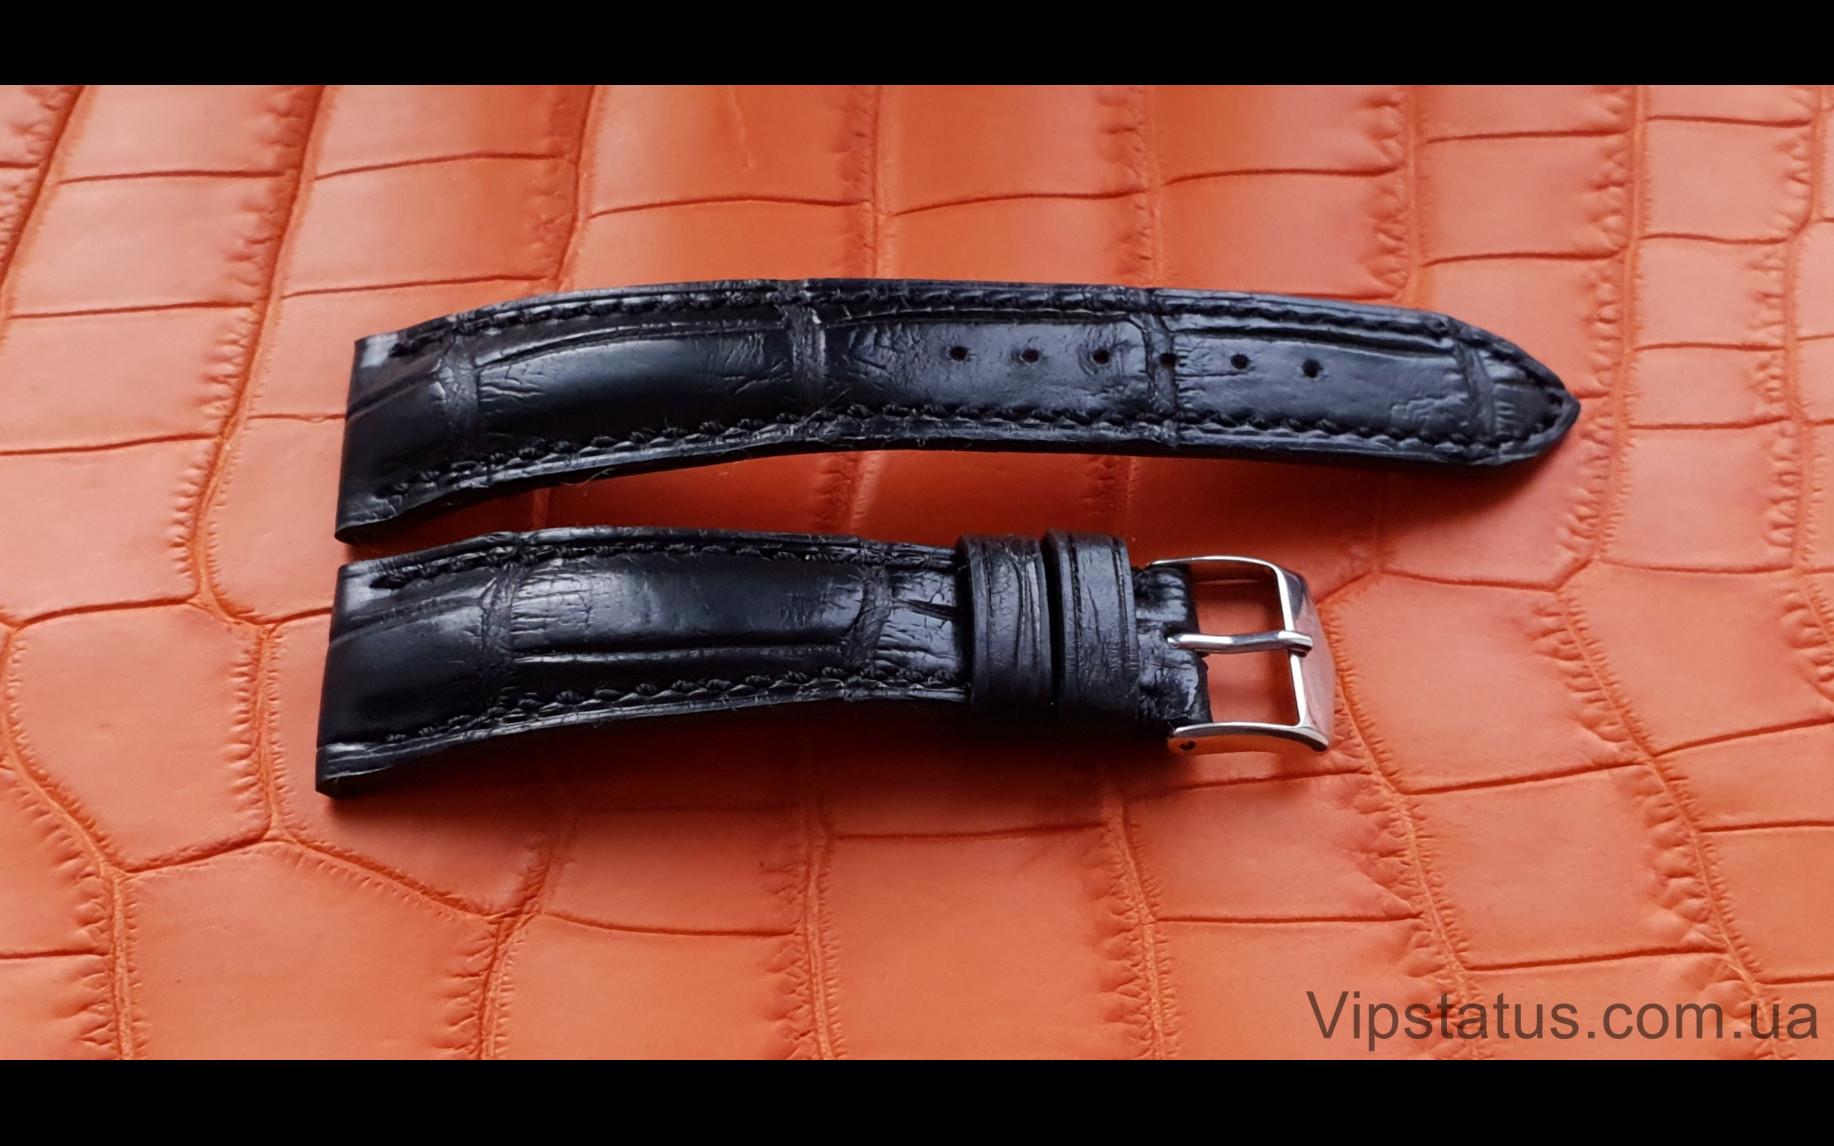 Elite Элитный ремешок для часов Rolex кожа крокодила Elite Crocodile Strap for Rolex watches image 2